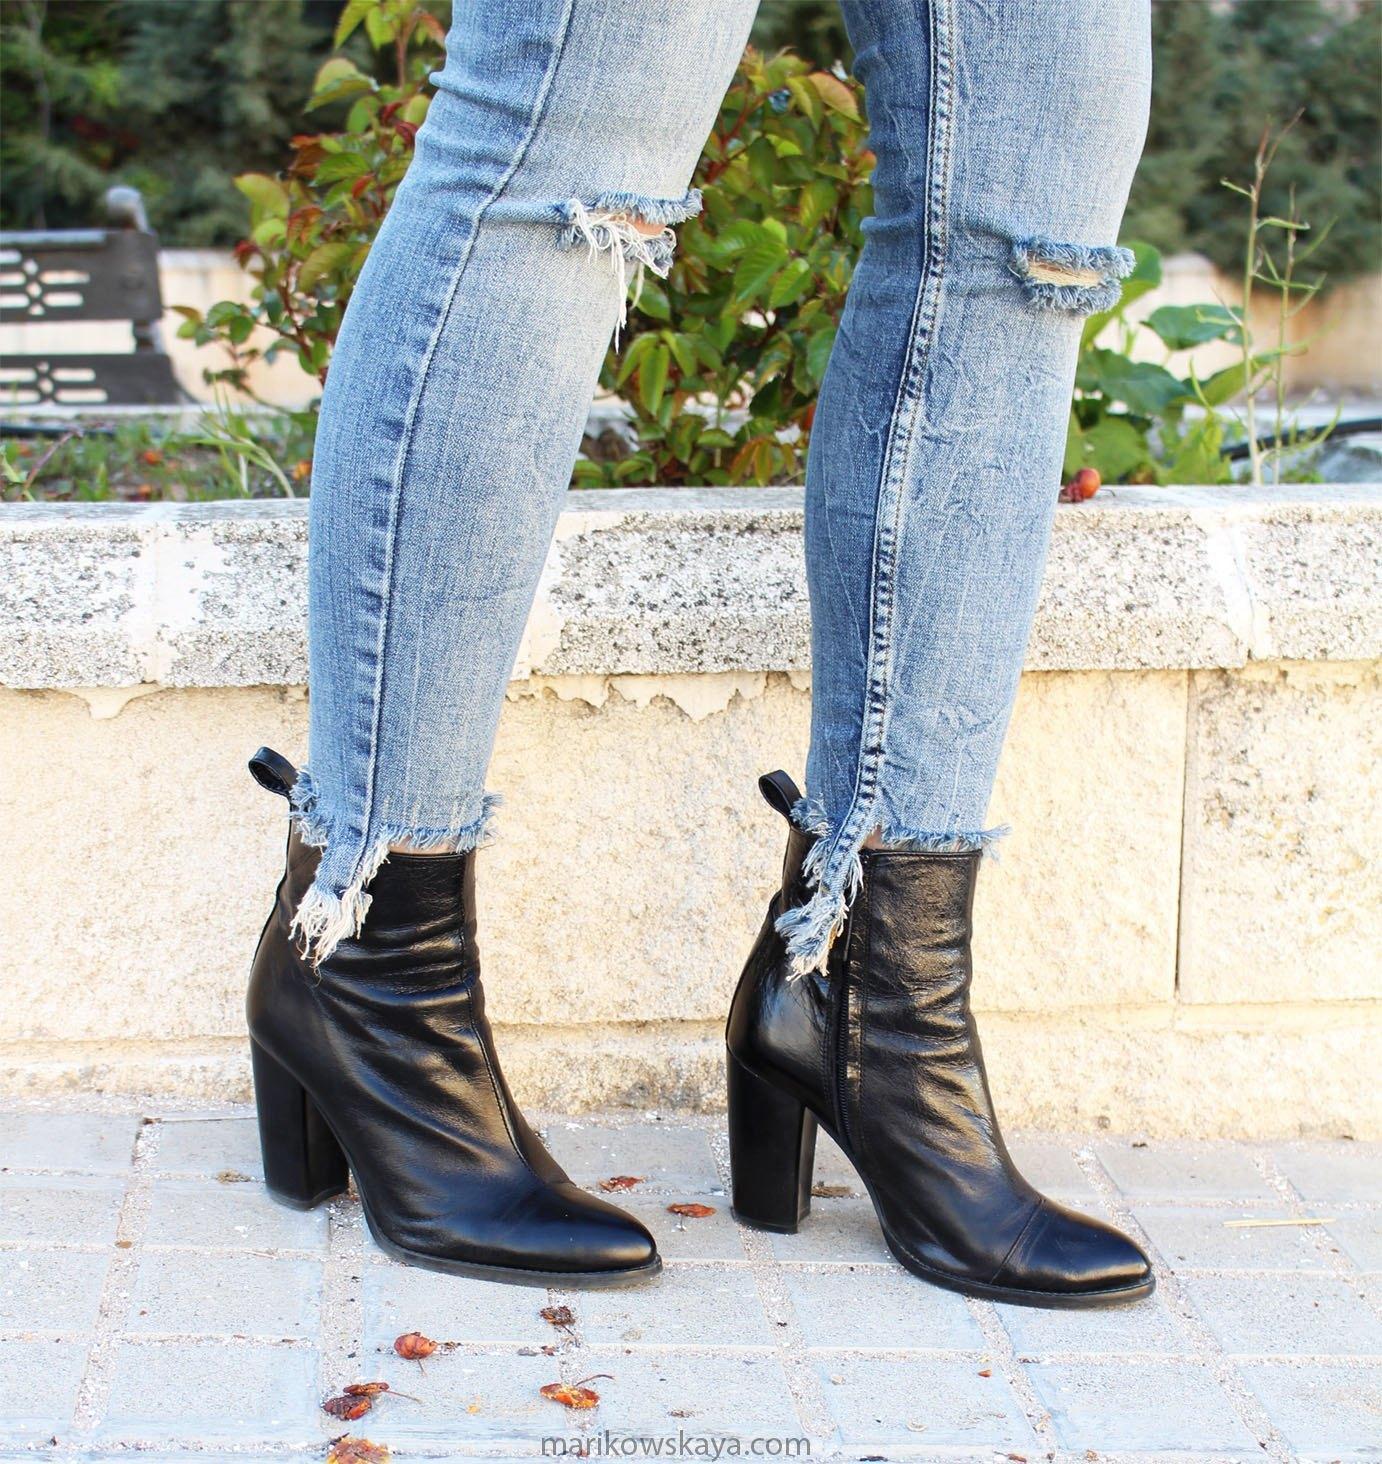 marikowskaya street style ripped jeans 12